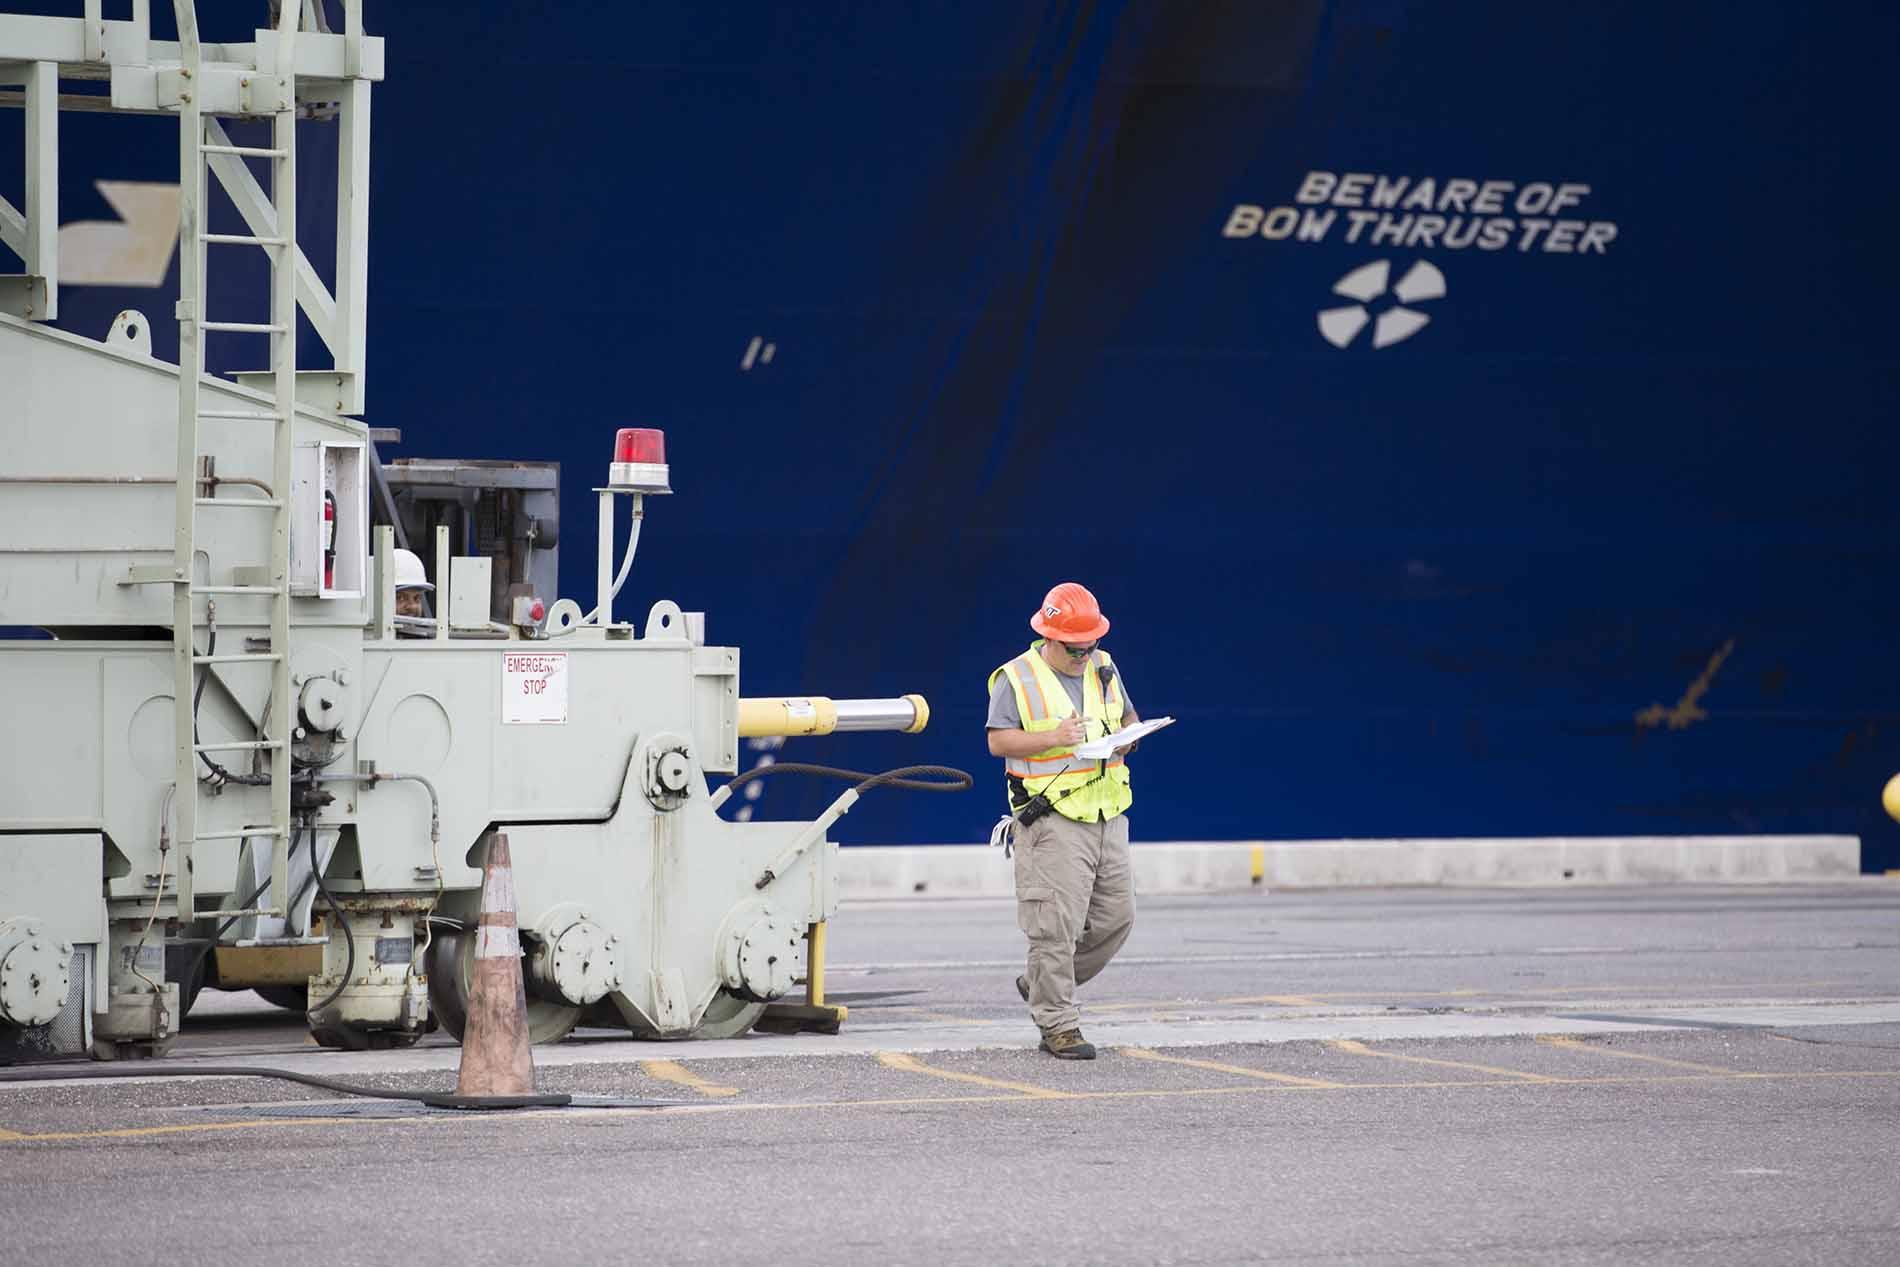 Worker walking in shipyard